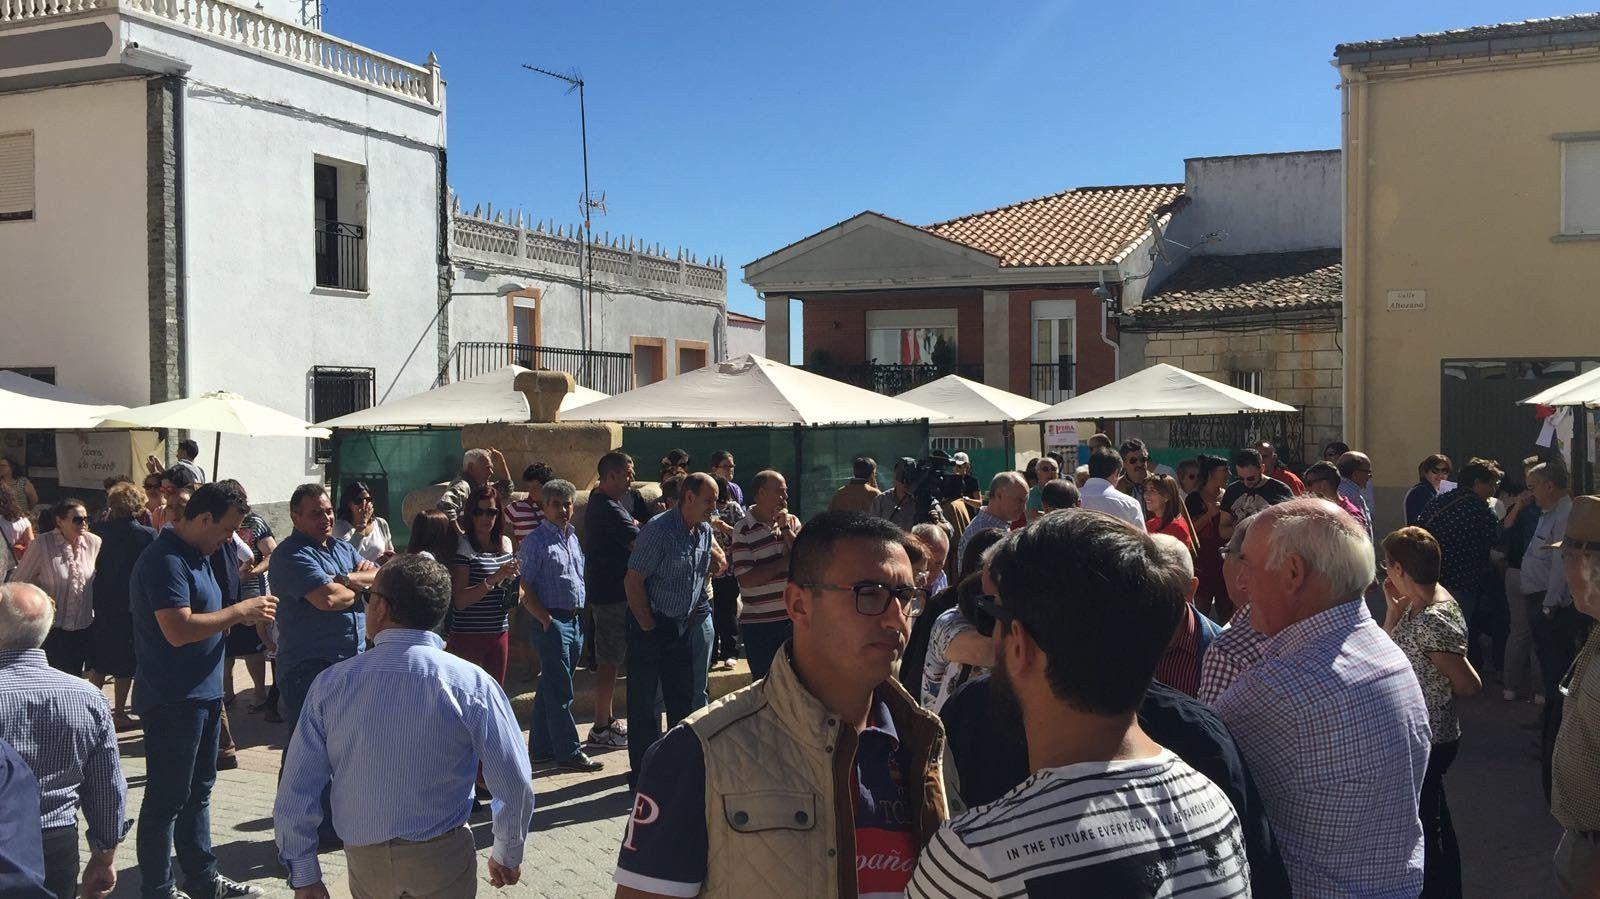 Salamanca contar con 69 ferias en toda la provincia para for Salamanca 24 horas